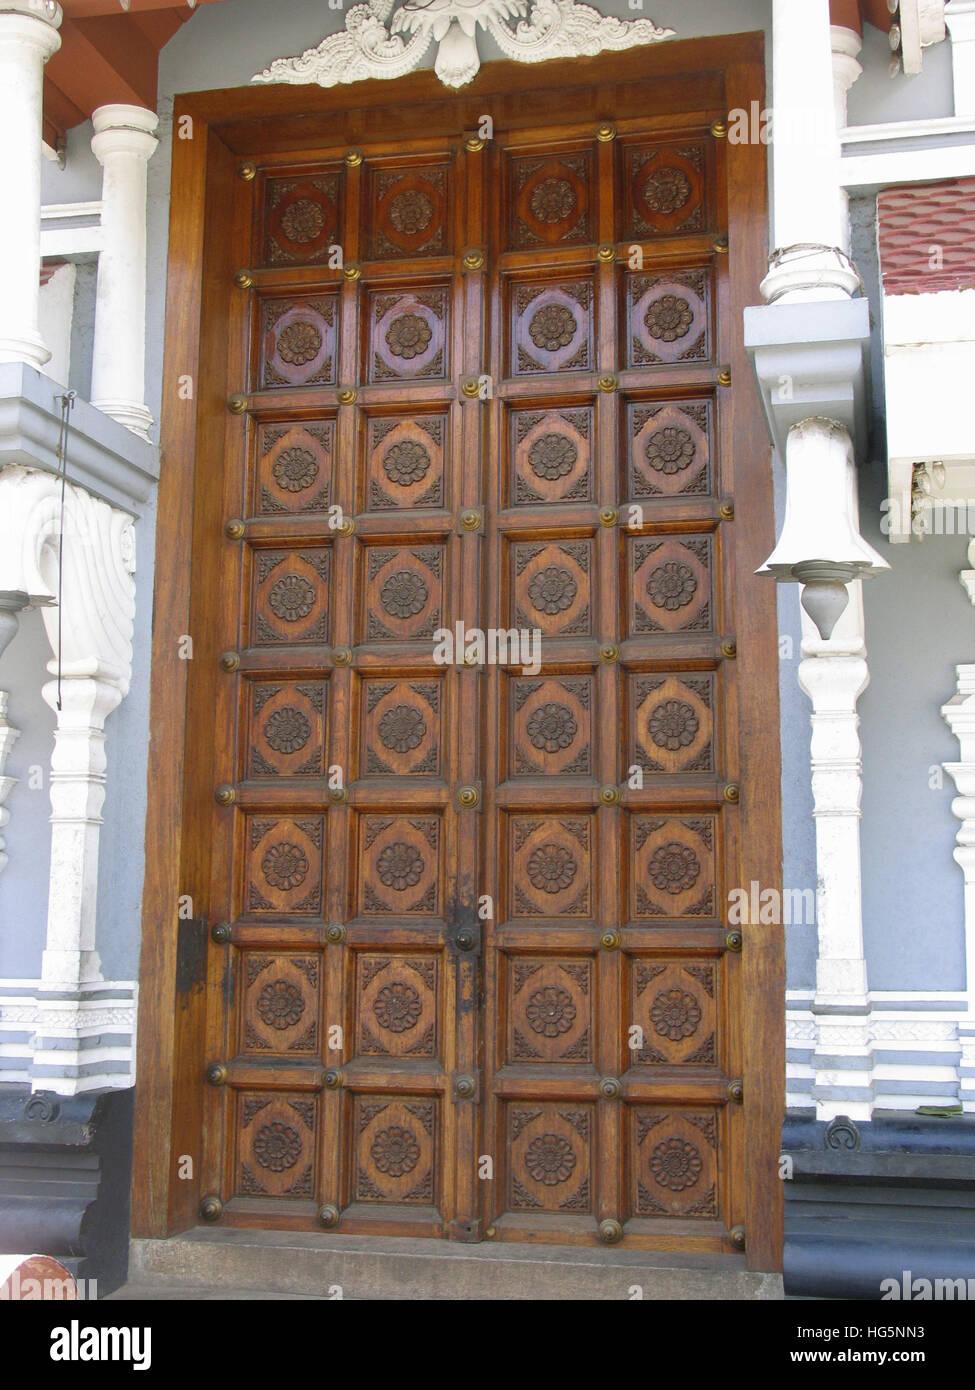 Thiruvambadi Temple Shoranur Road. Thrissur / Trichur, Kerala, India - Stock Image